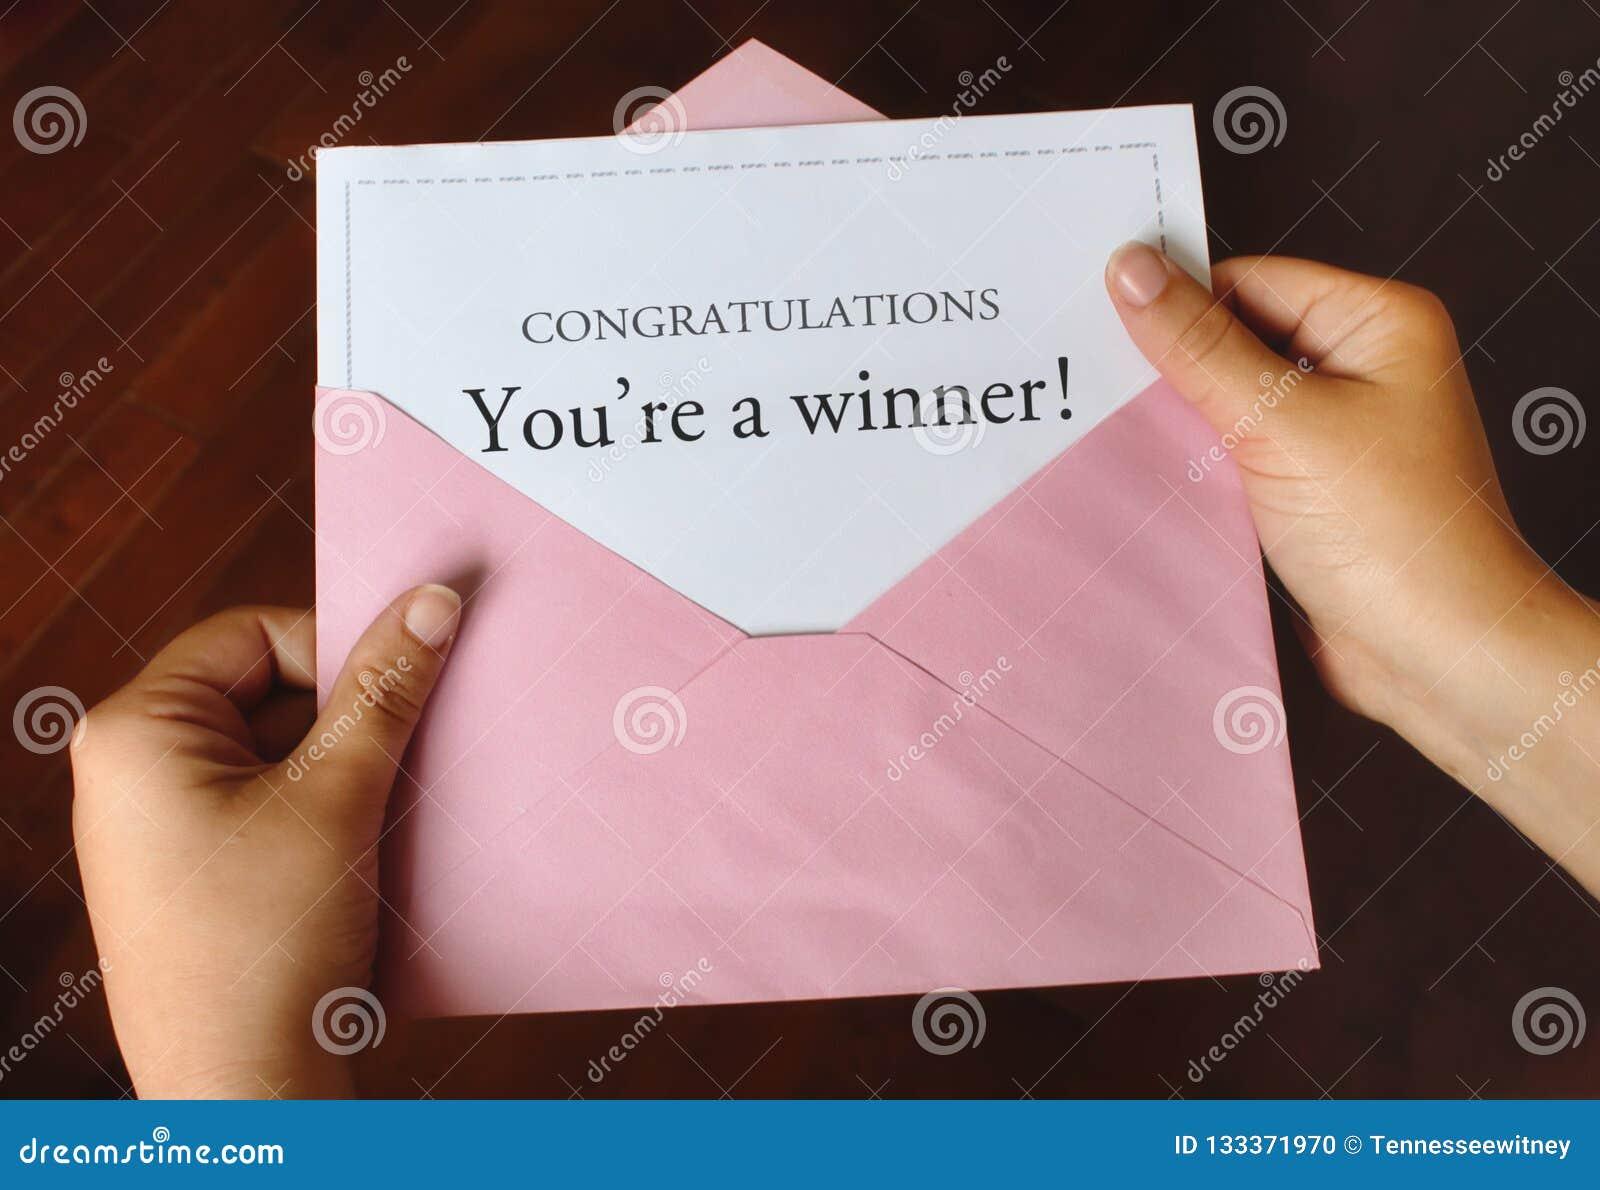 Μια επιστολή που λέει τα συγχαρητήρια που είστε νικητής! με τα χέρια που κρατούν έναν ρόδινο φάκελο